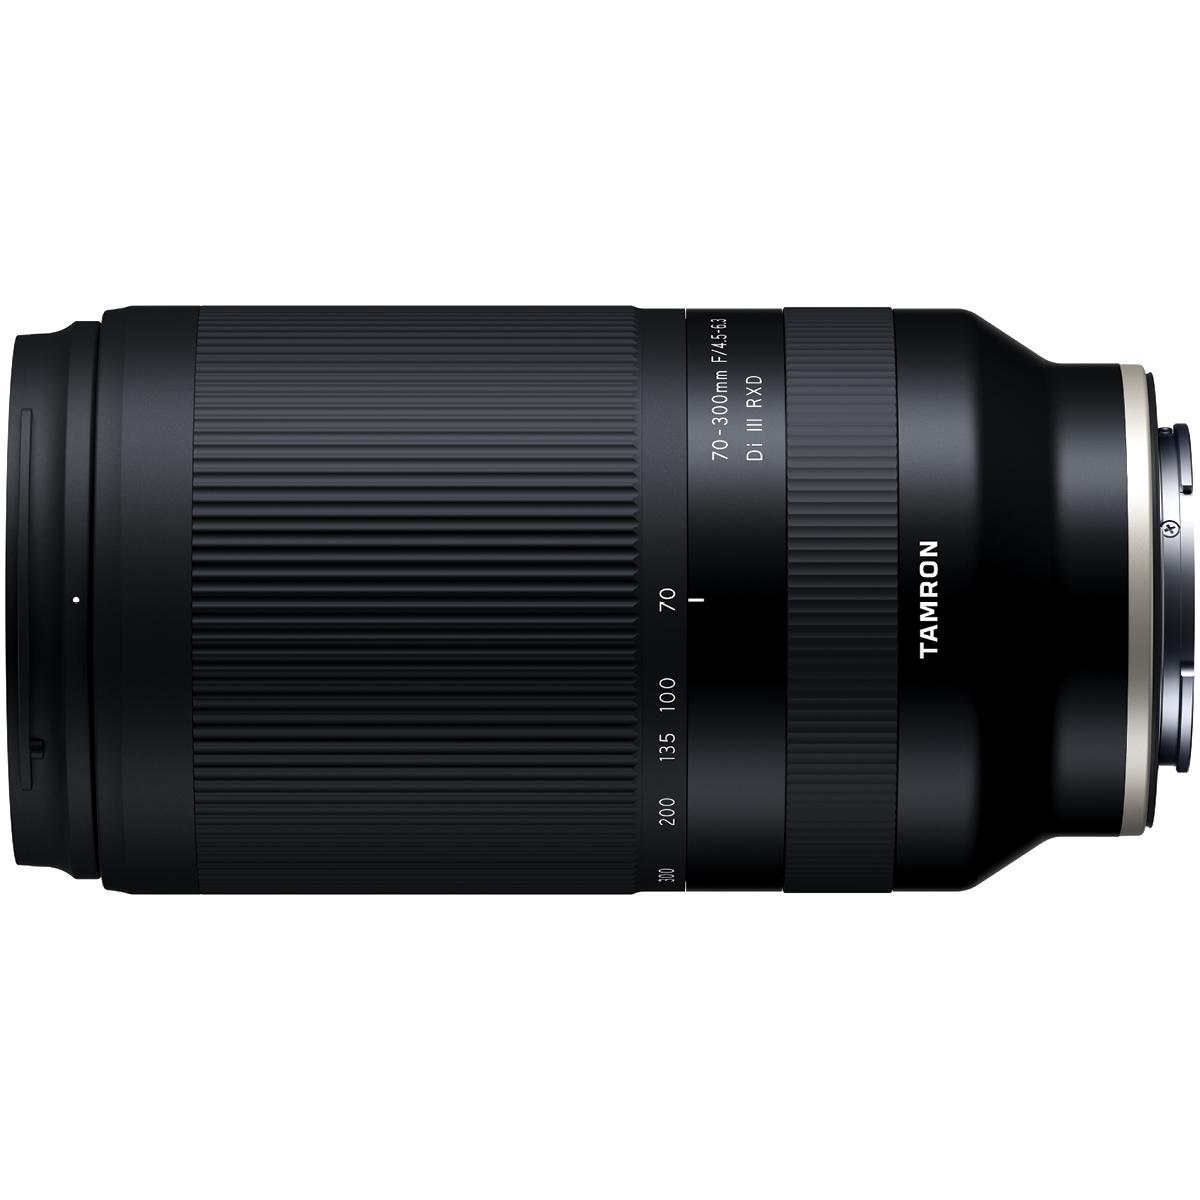 Tamron 70-300 mm 1:4,5-6,3 DI III RXD Sony FE